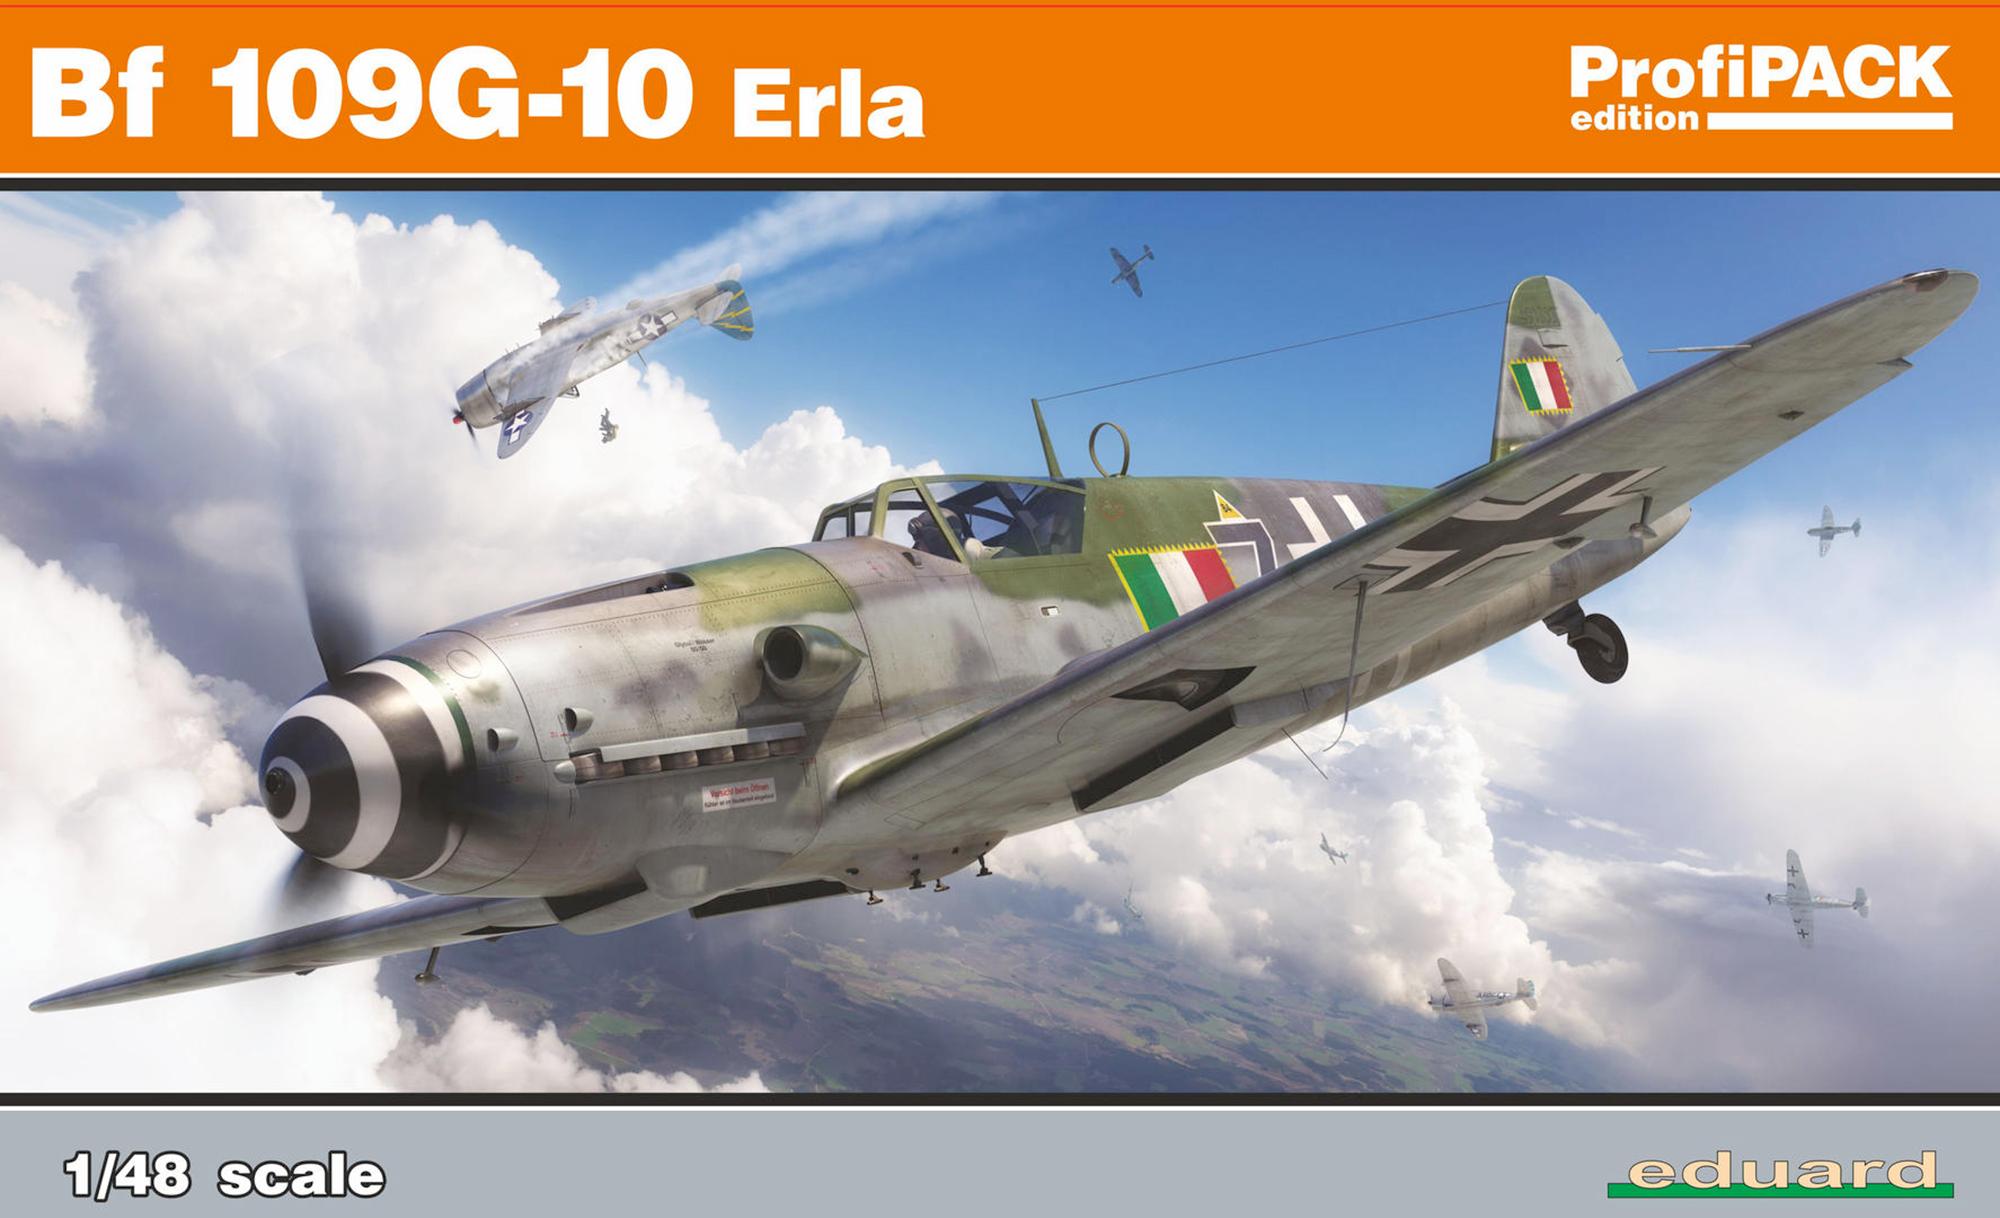 Tauchfähiger Aero-squalo travi Ginevra-de040 SUPER RARE 1 EDIZIONE